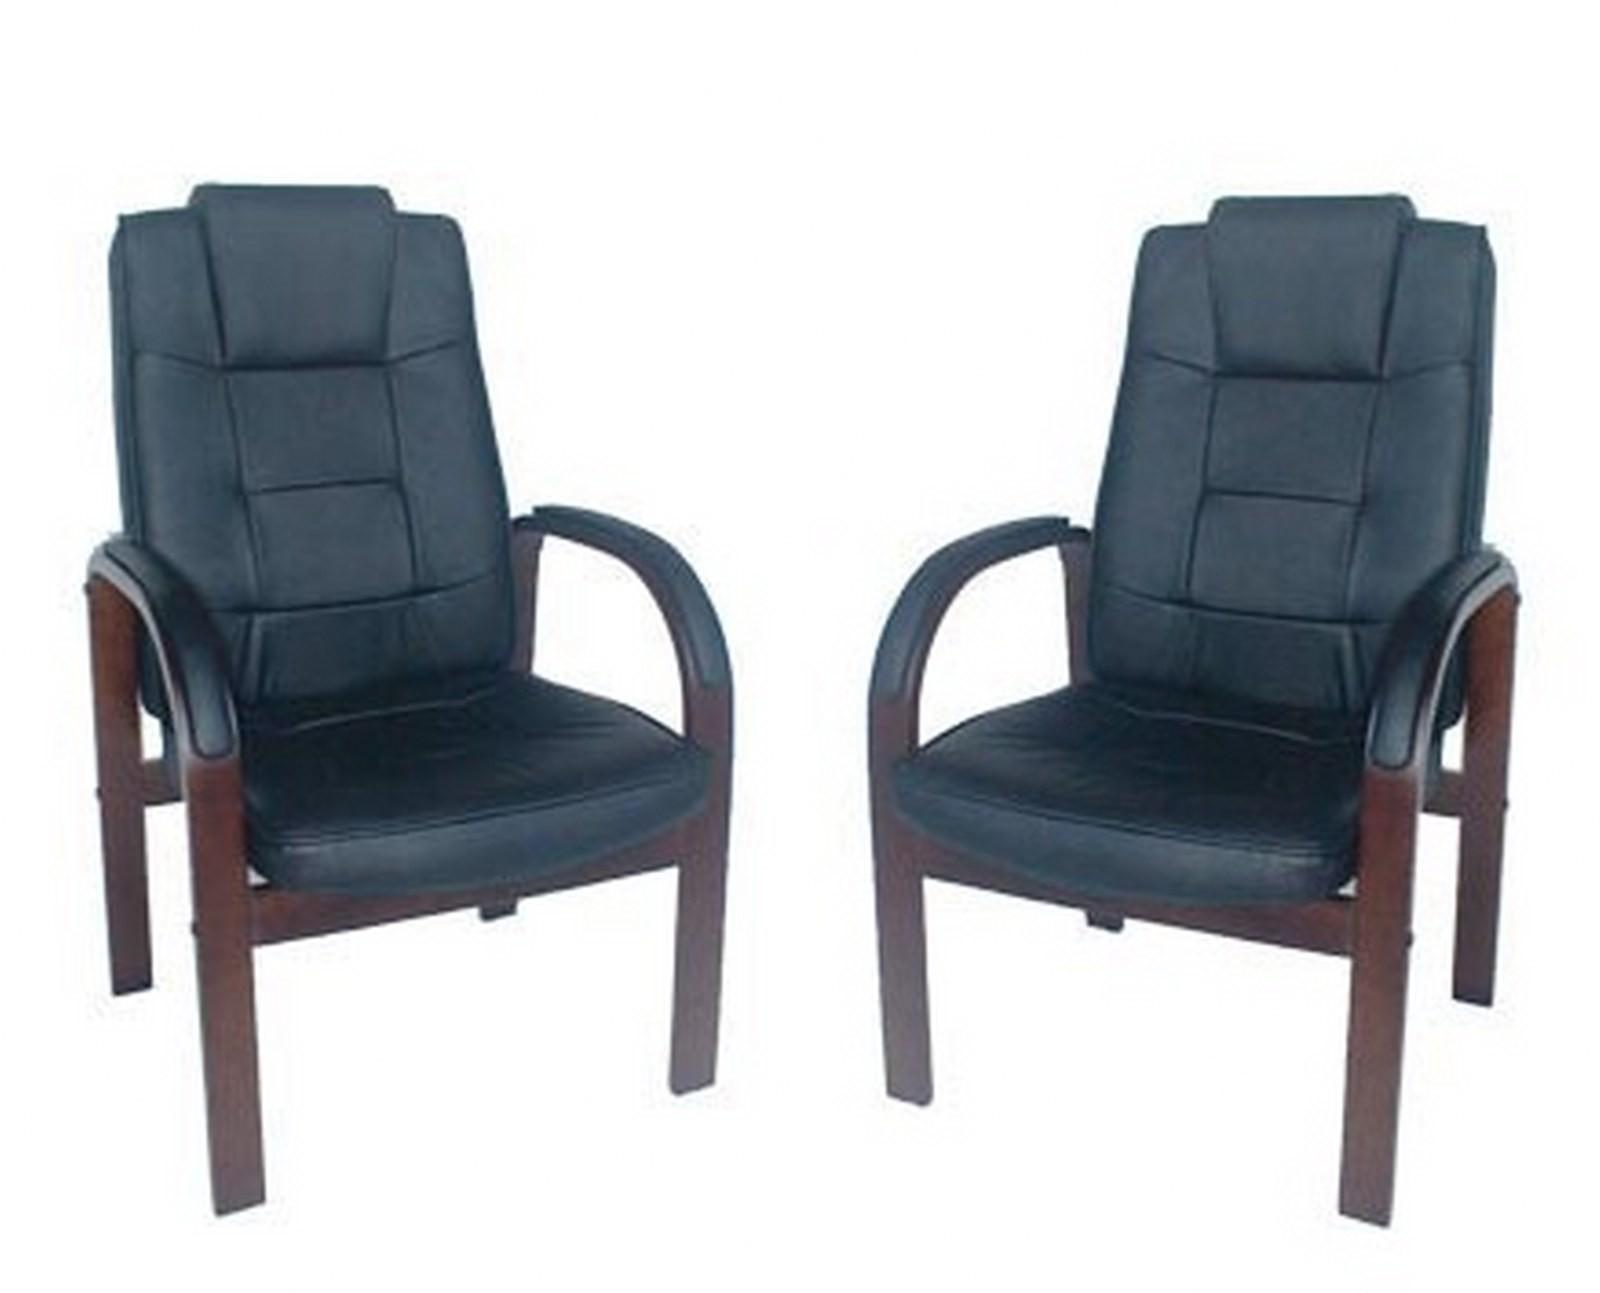 Poltrone poltrona sedie sedia pelle nera per ufficio ospite